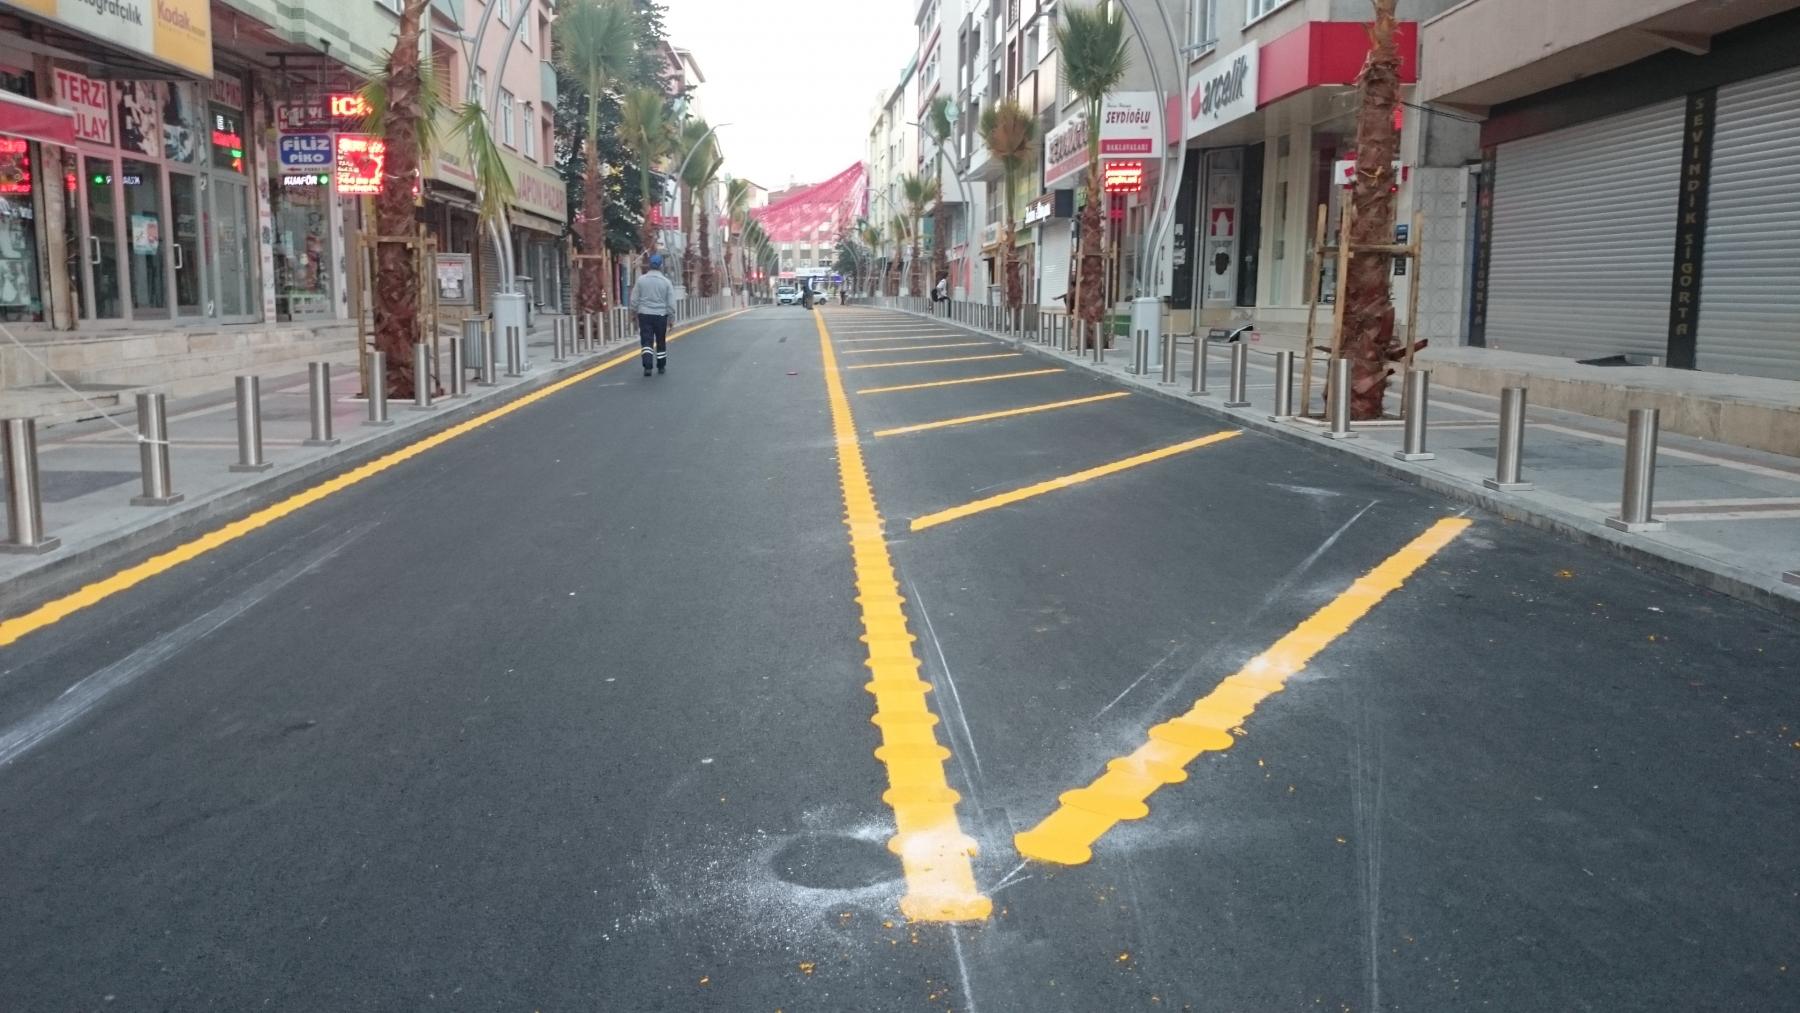 Yolsan Trafik Işaretleri Yol çizgileri Otopark çizgileri Otopark